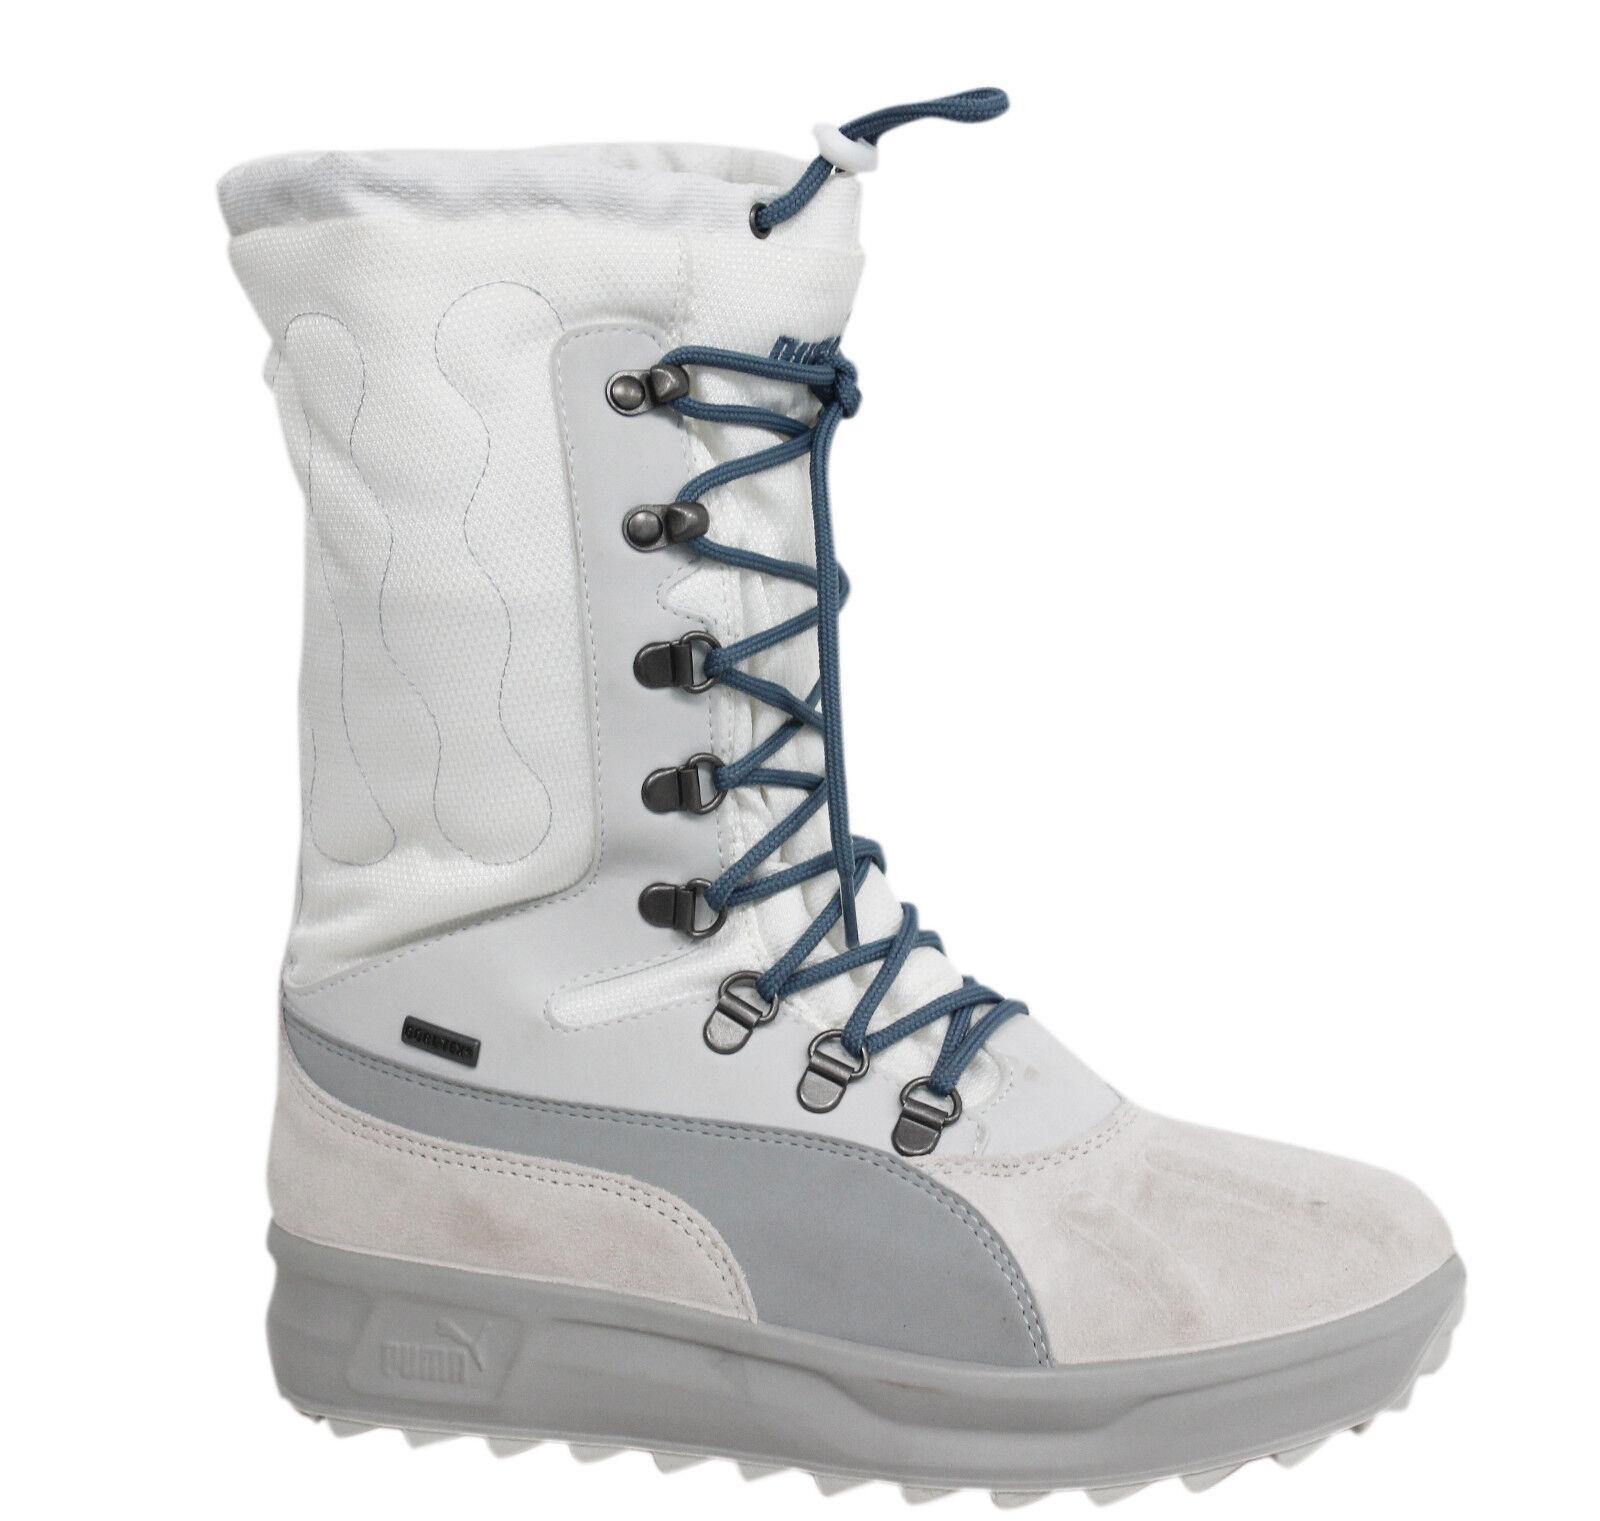 Details zu Puma Niveus GTX Gore tex Schnürer Weiß Damen Sturm Zellen Stiefel 304271 08 B8B